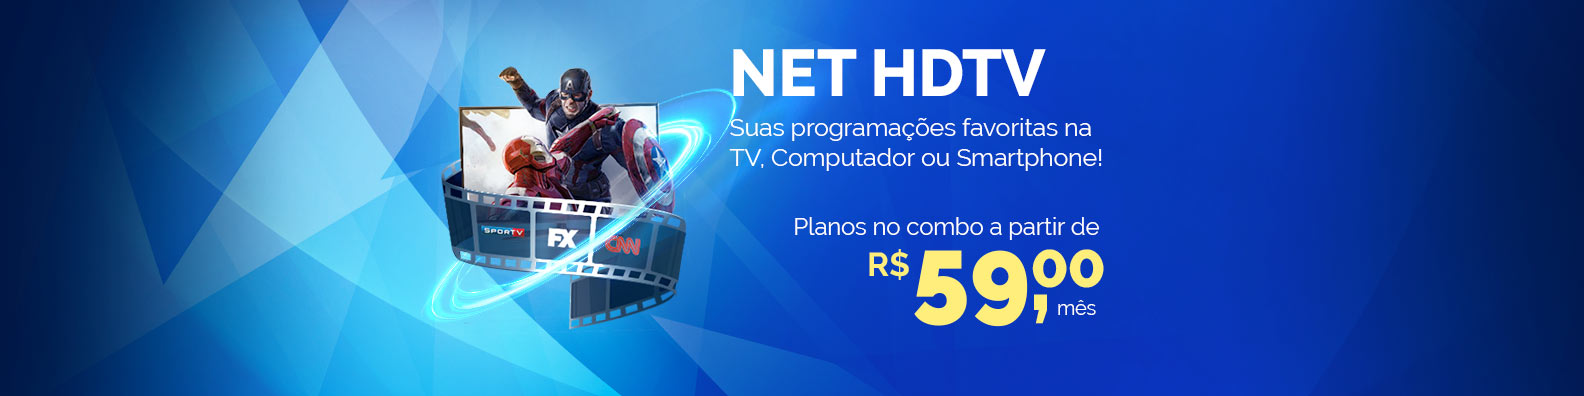 home net virtua 15 mega mais de 150 canais net fone por apenas 179 nos 3 primeiros meses